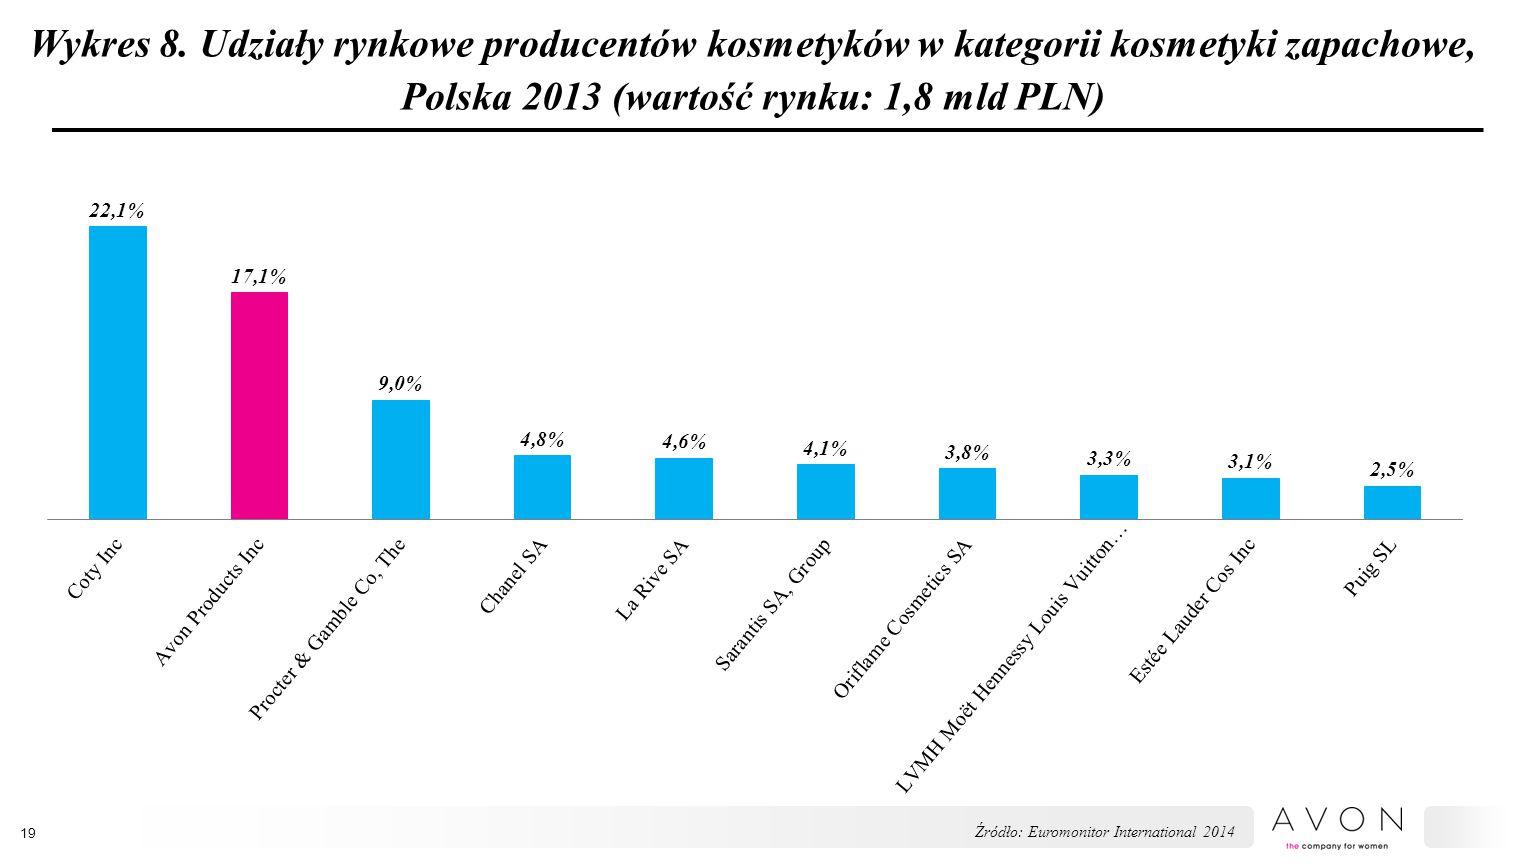 Wykres 8. Udziały rynkowe producentów kosmetyków w kategorii kosmetyki zapachowe, Polska 2013 (wartość rynku: 1,8 mld PLN) 19 Źródło: Euromonitor Inte